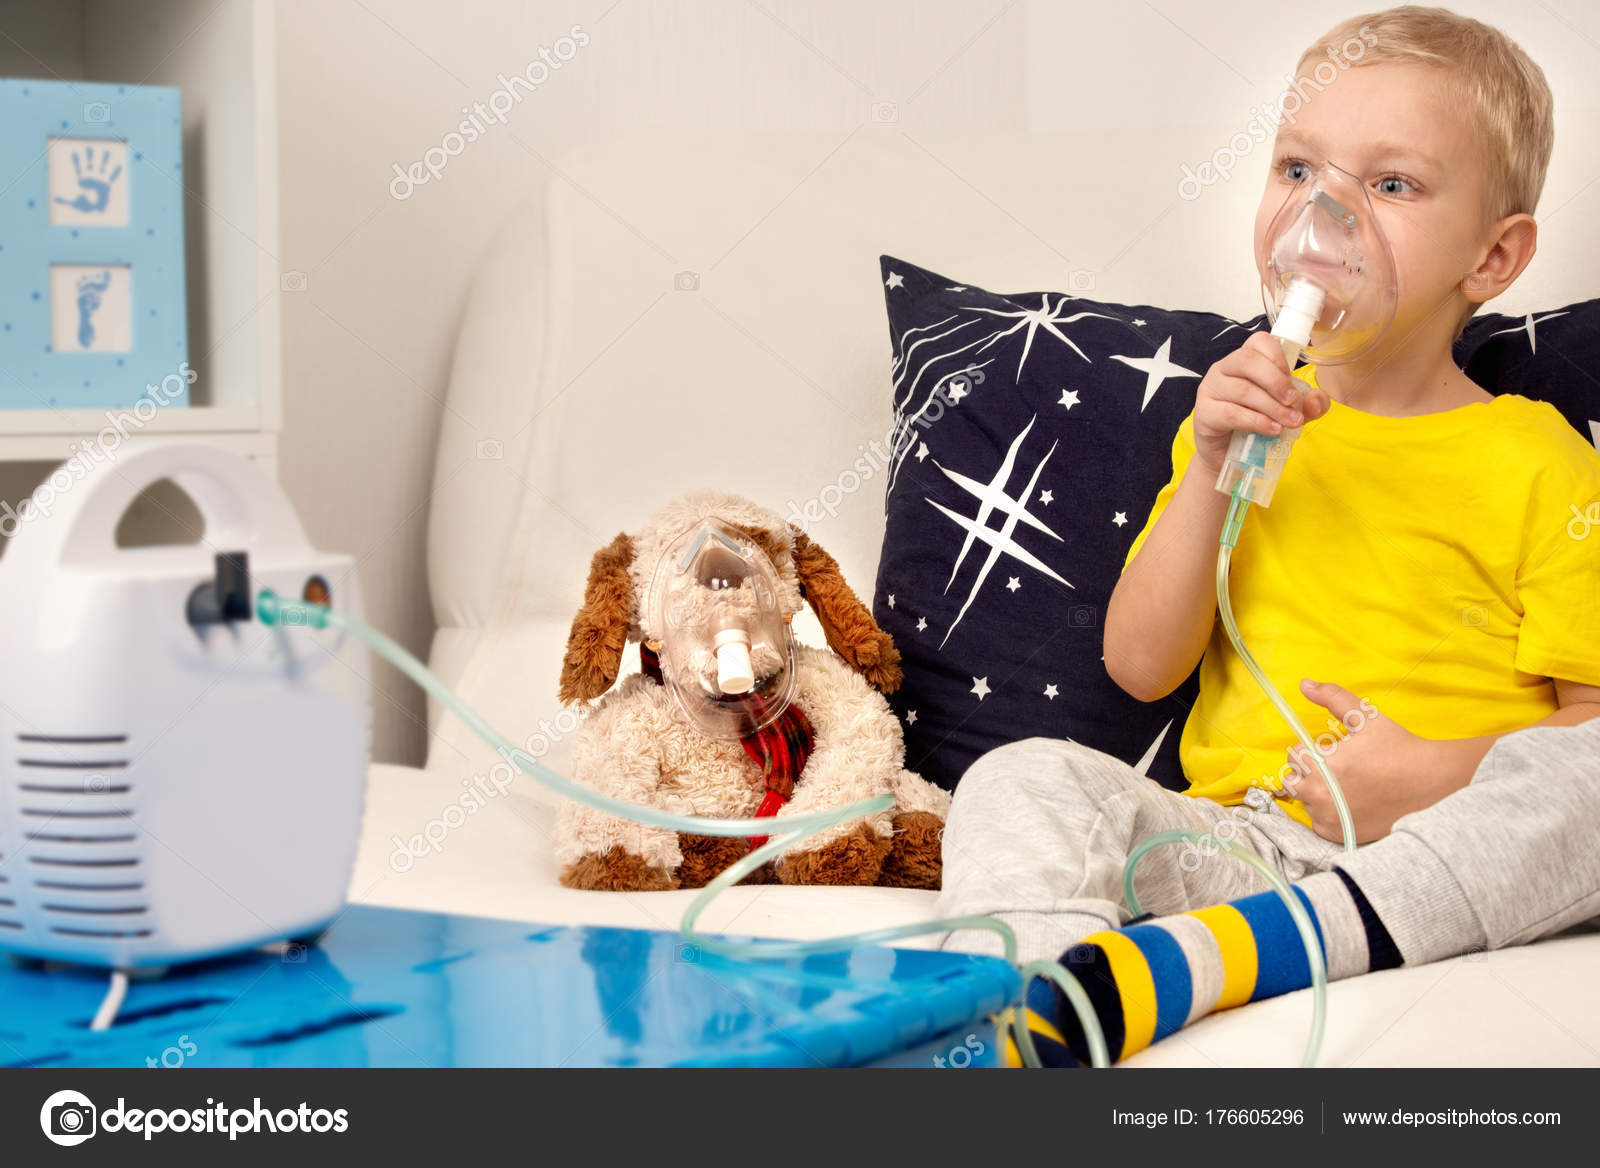 Con Juguete Inhalación Niño PerroHace Nebulizador qc3RjL4S5A